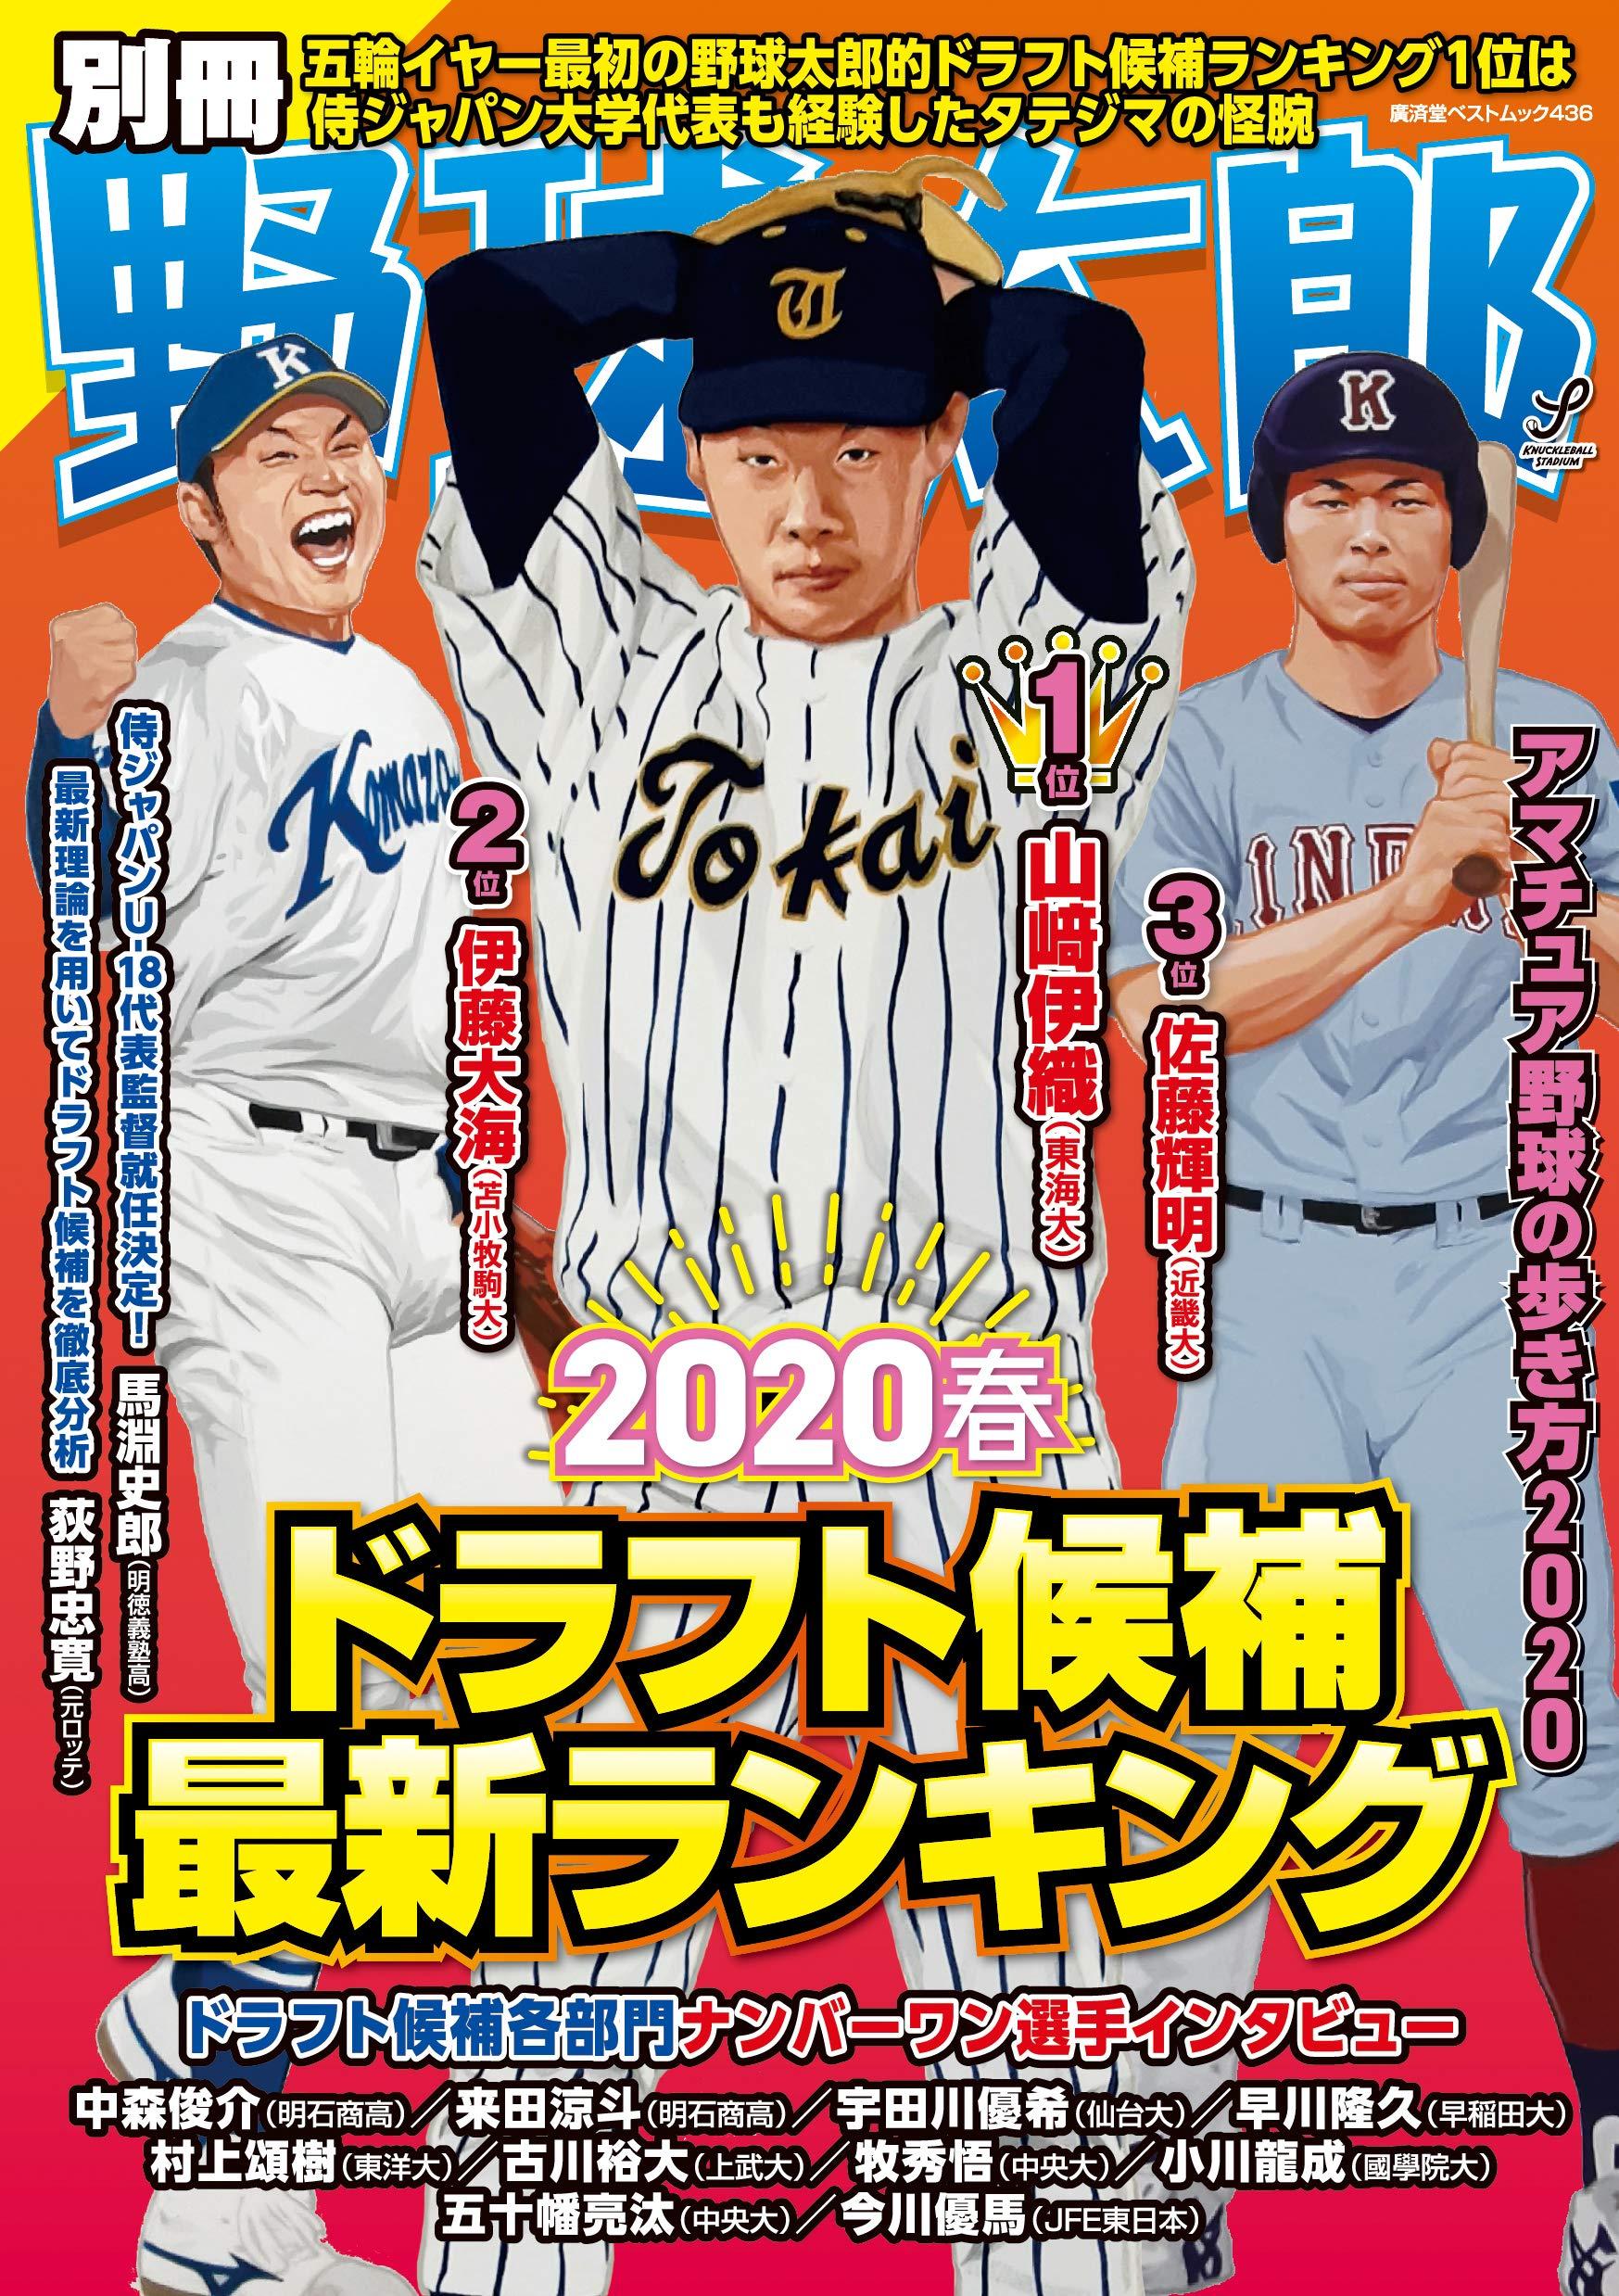 『別冊野球太郎2020春 ドラフト候補最新ランキング』野球が見られない、いまこそ読もう!